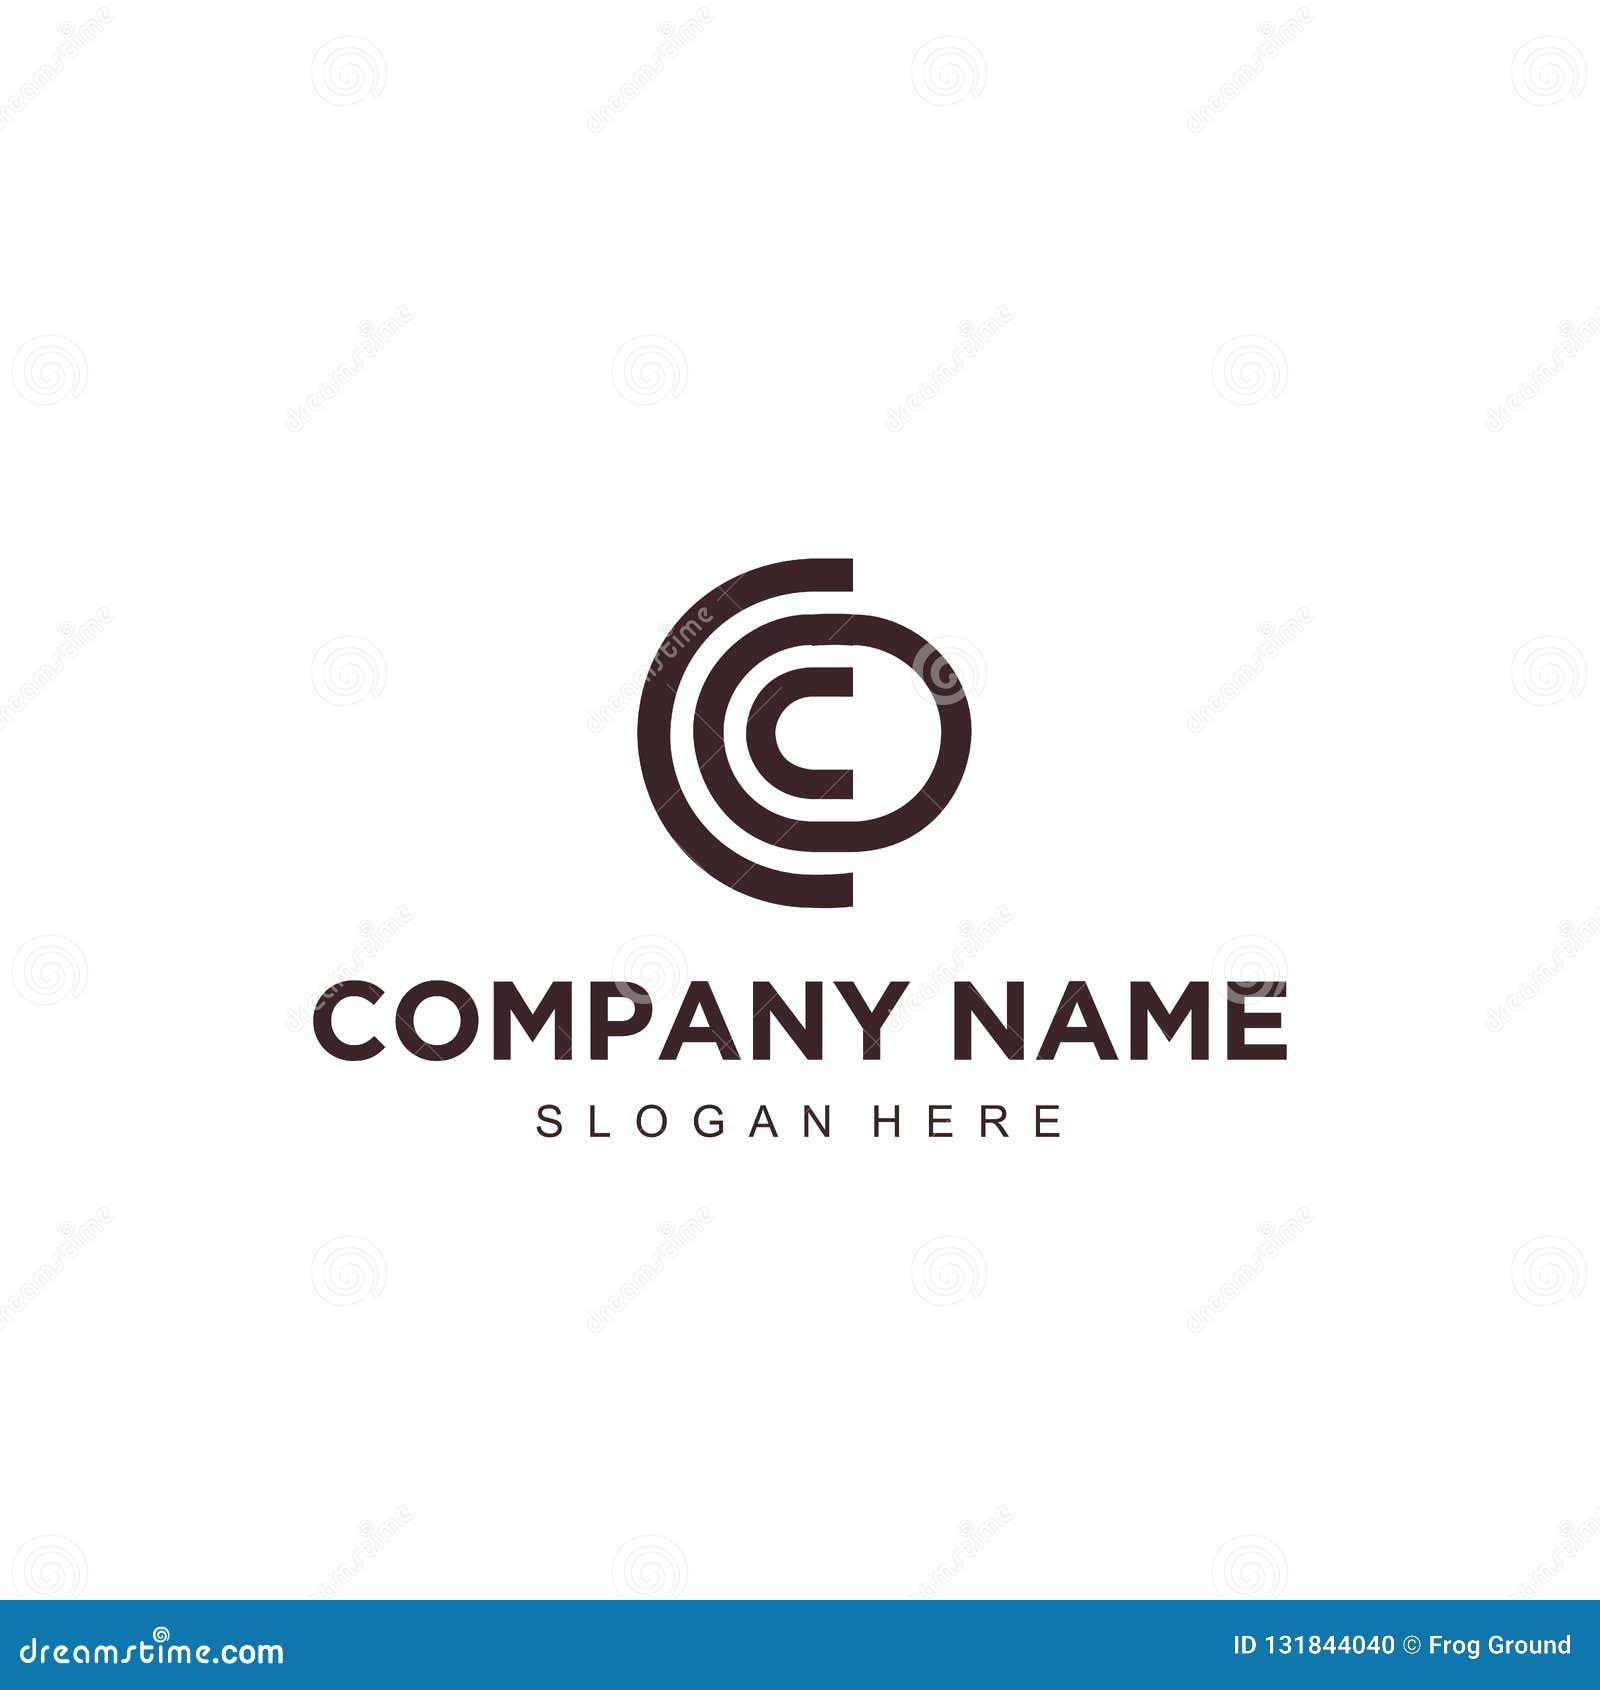 Plantilla profesional moderna minimalistic simple del ilustrador del vector EPS de la letra c del diseño del logotipo